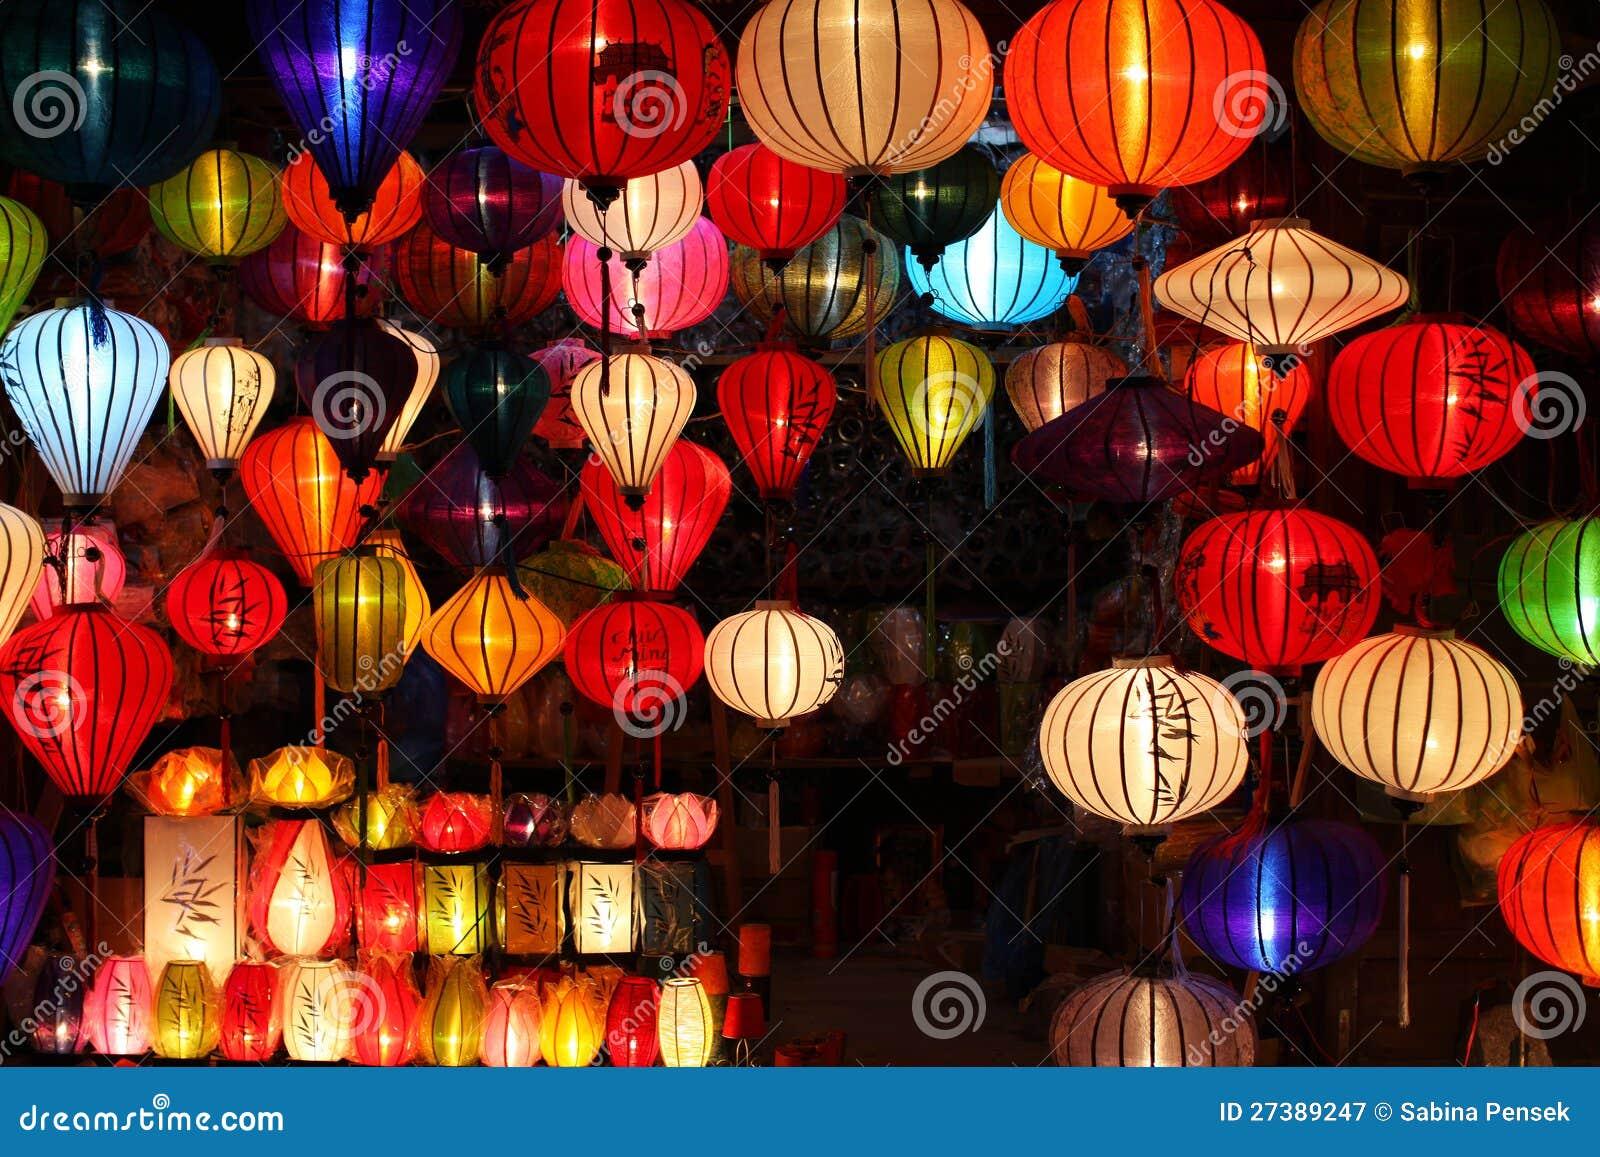 Decorazioni Con Lanterne Cinesi : Lanterne cinesi con gli indicatori luminosi come decoratio di